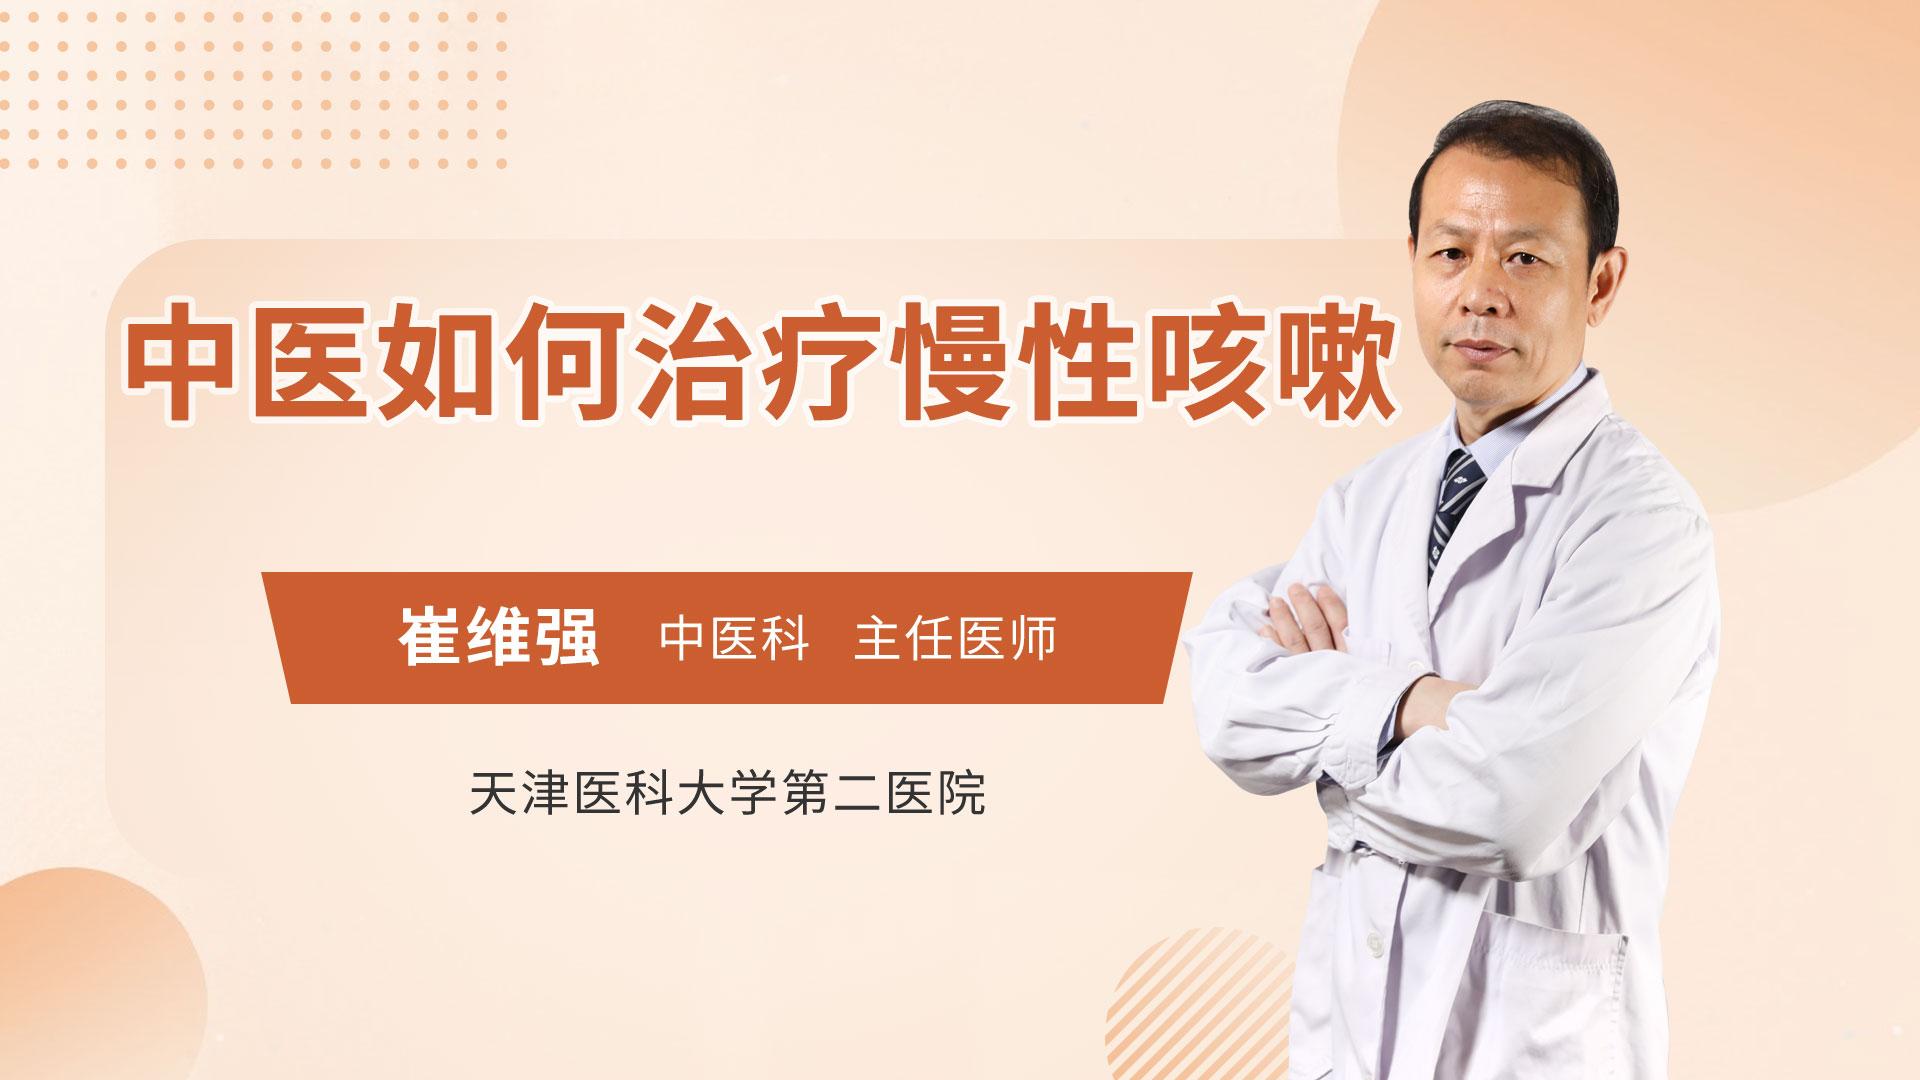 中医如何治疗慢性咳嗽